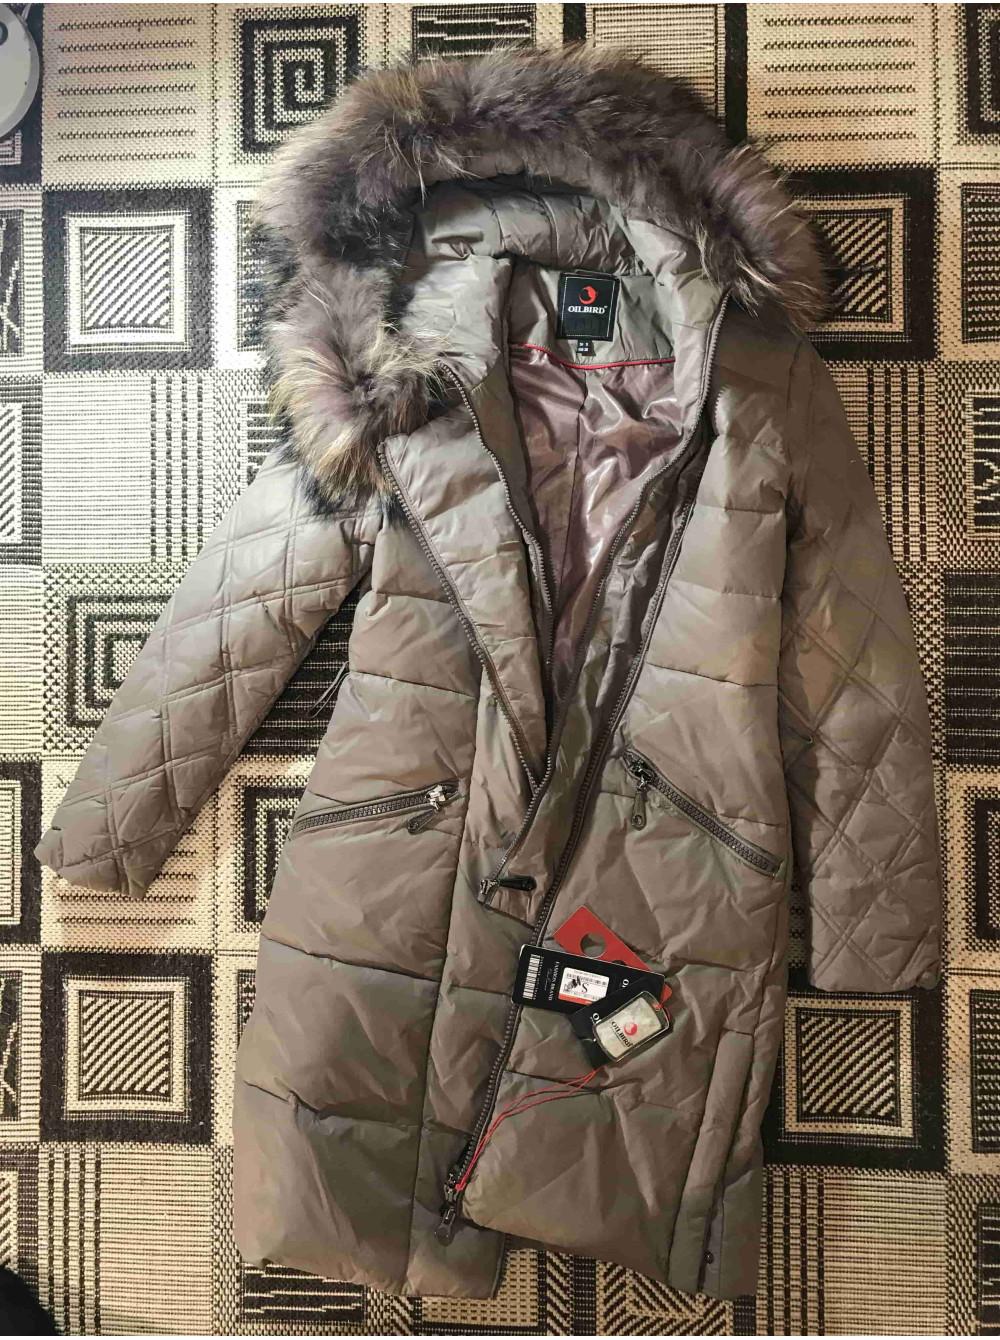 Купити зимовий жіночий пуховик Oilbird c натуральним хутром фото №3 6d8794e69fd74